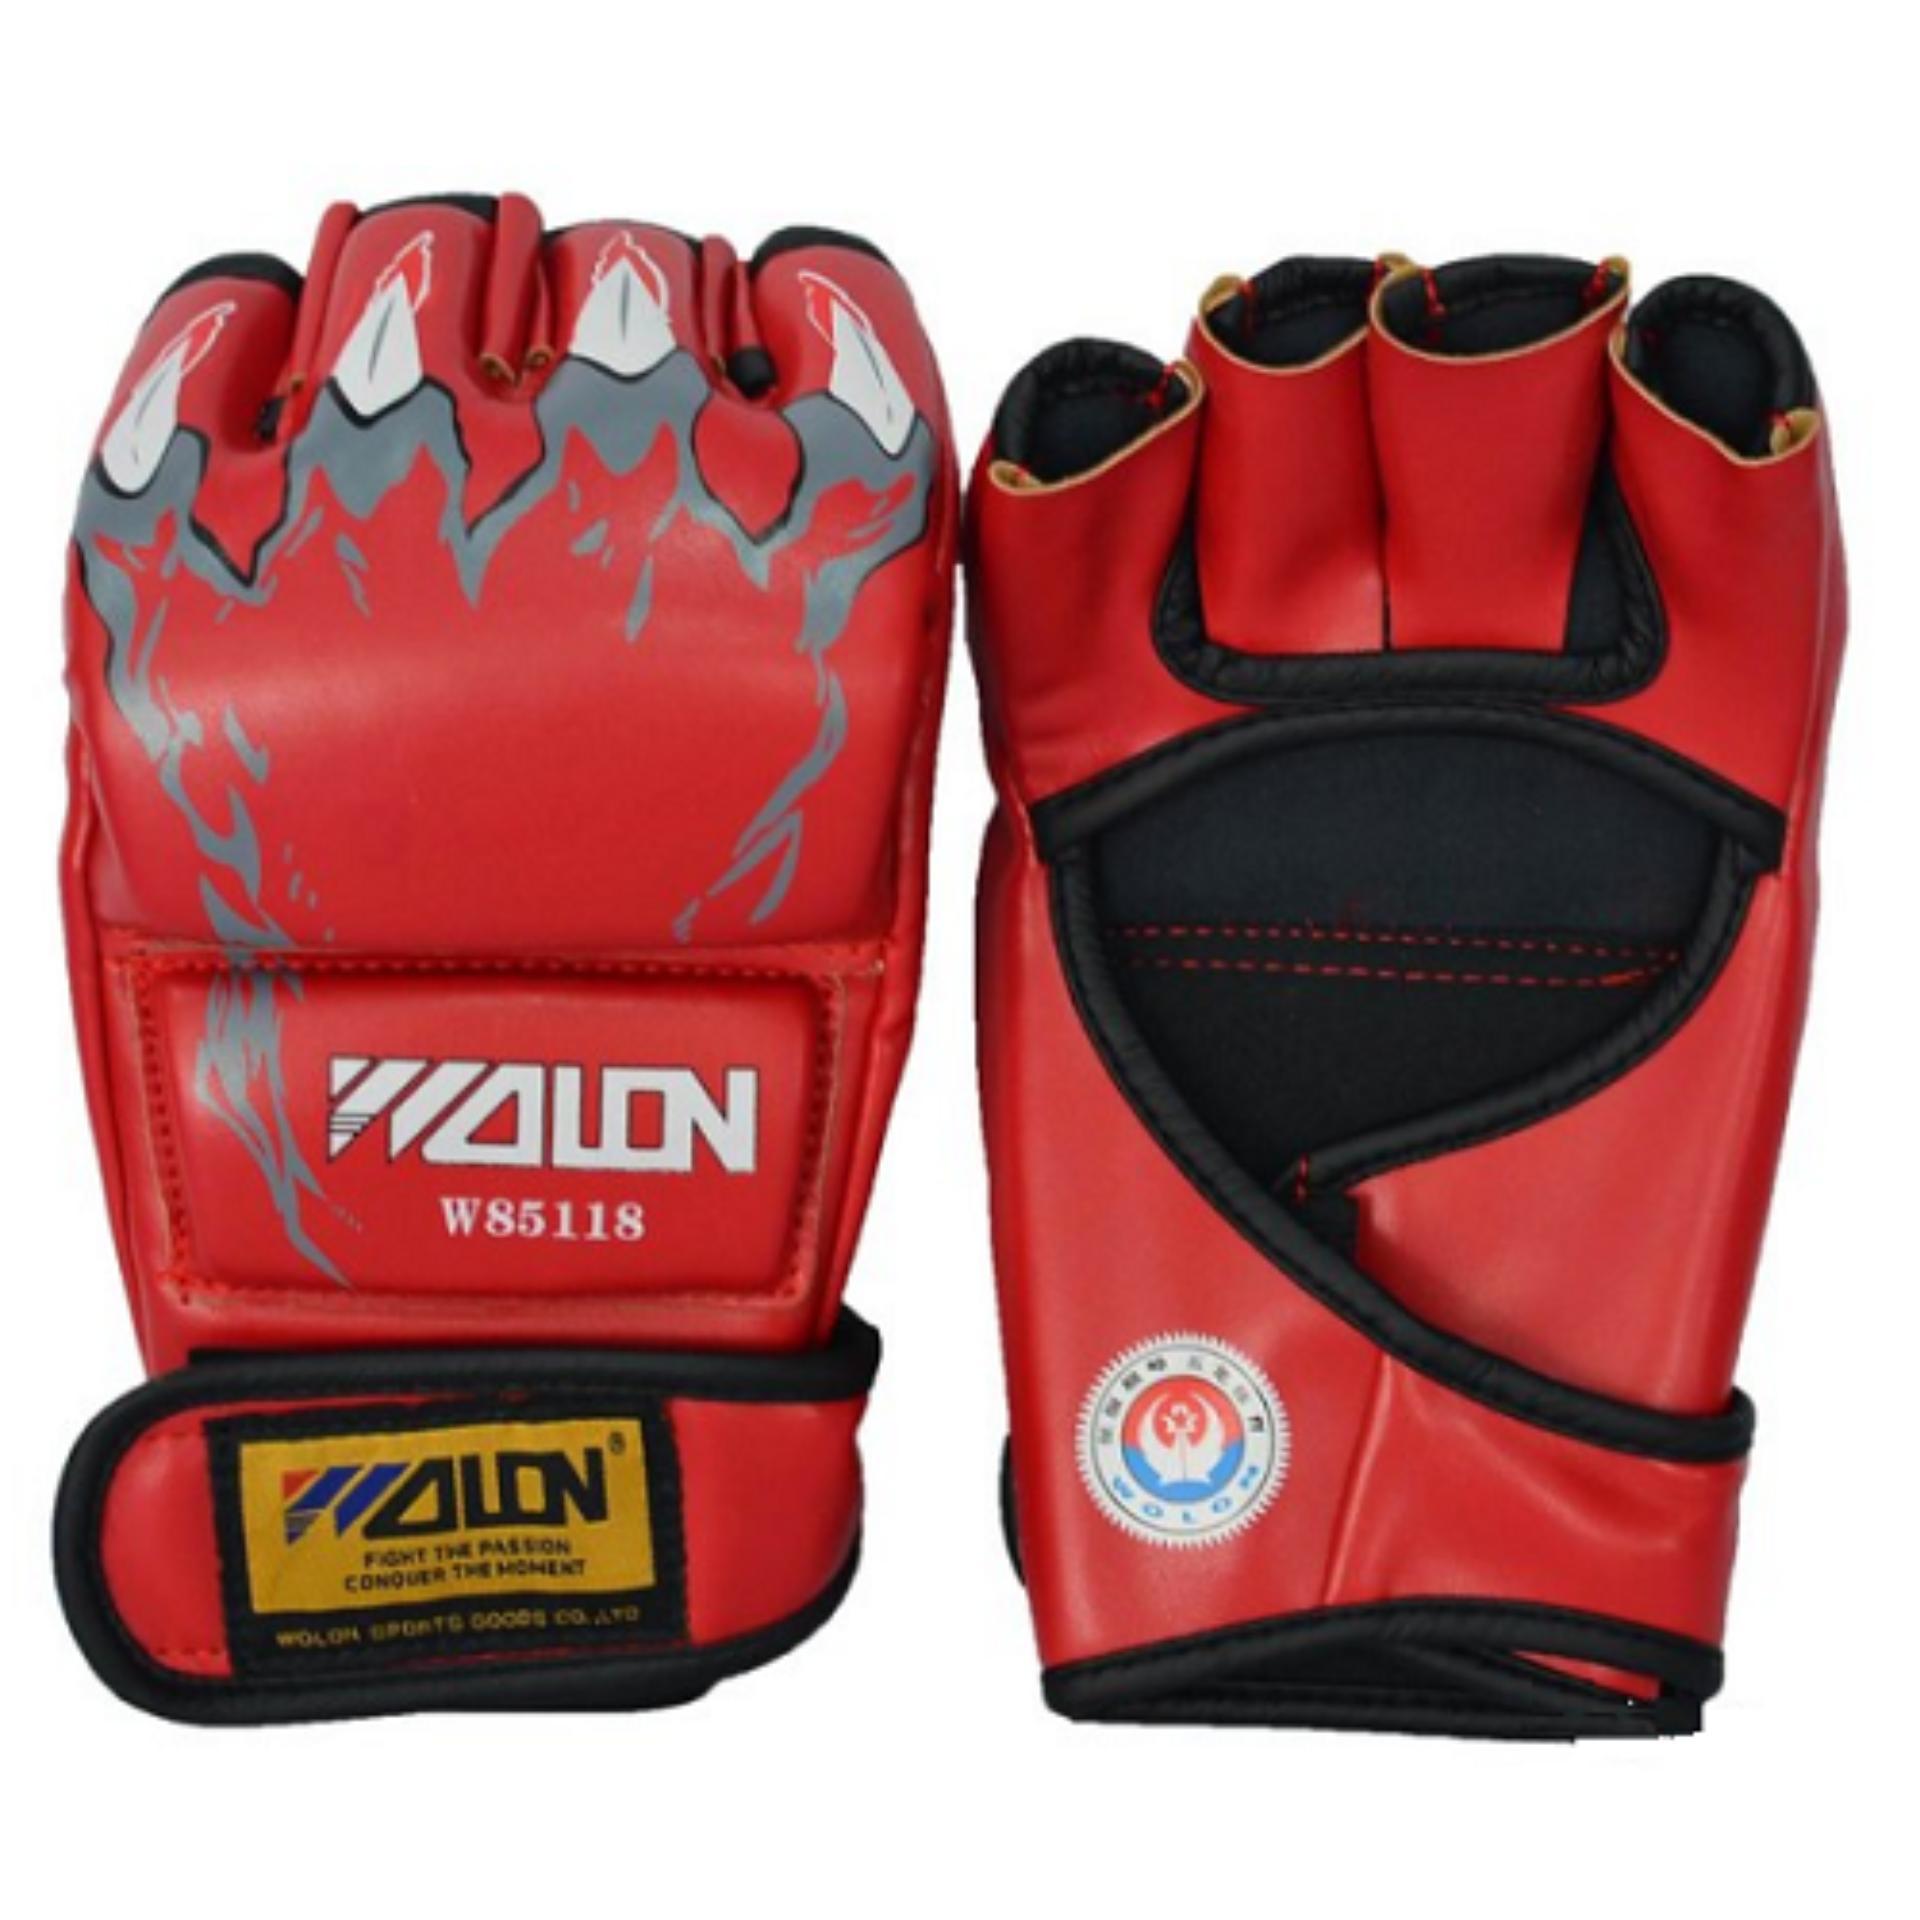 găng tay boxing / MMA wolon (đỏ)